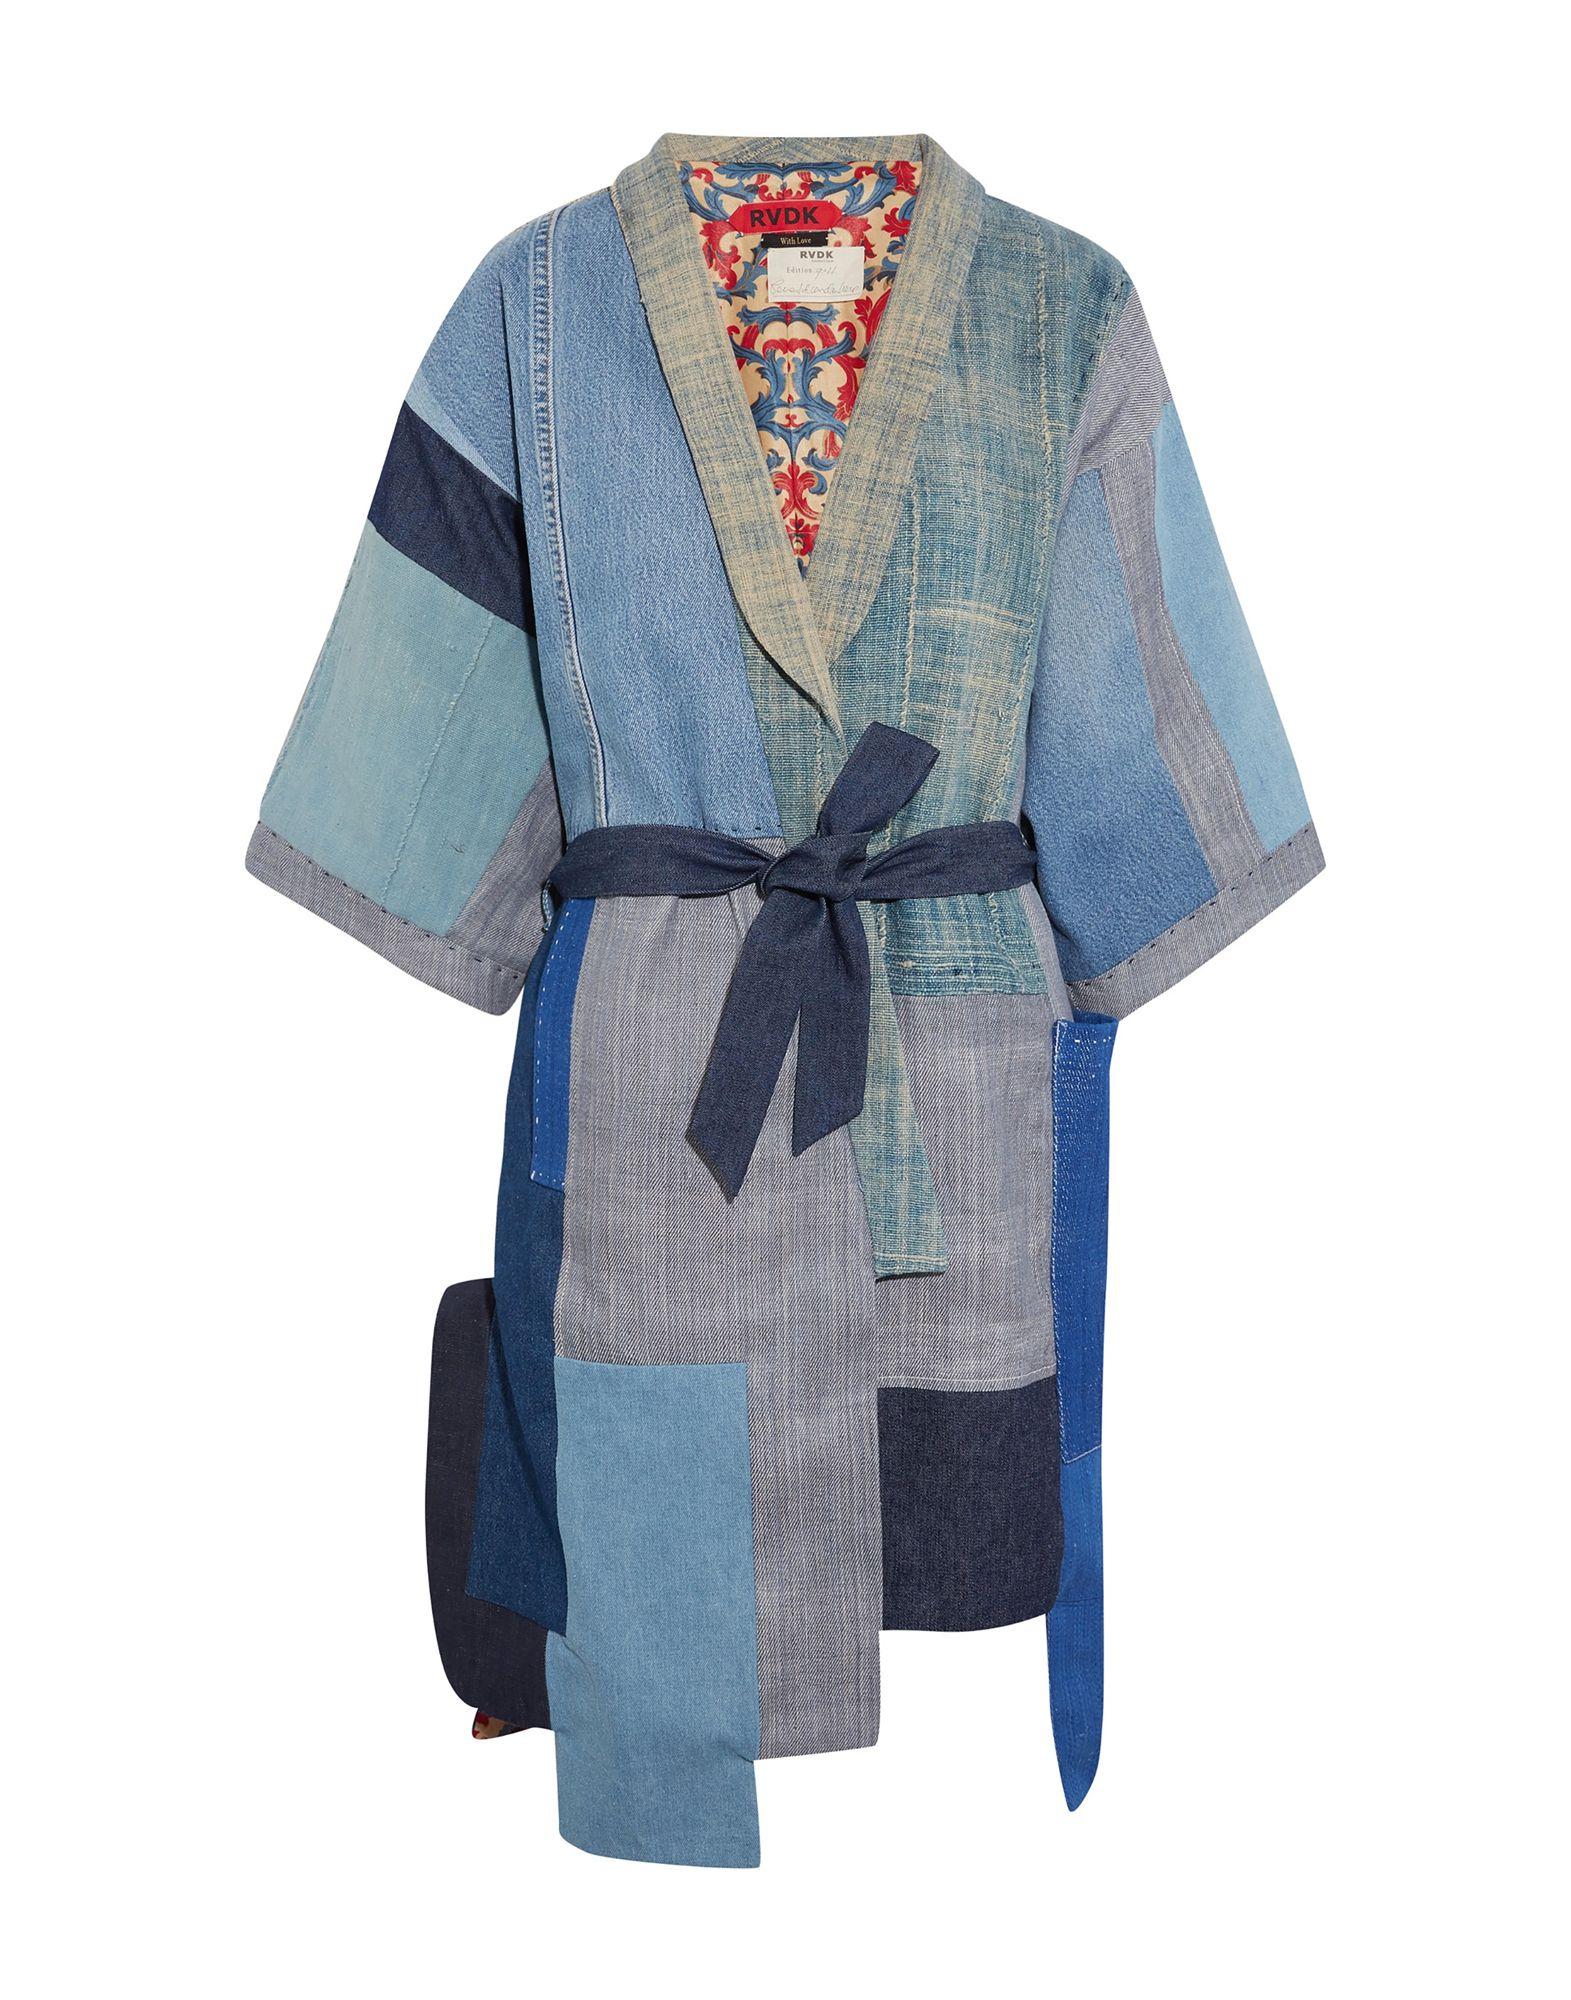 купить RONALD VAN DER KEMP Джинсовая верхняя одежда по цене 90450 рублей